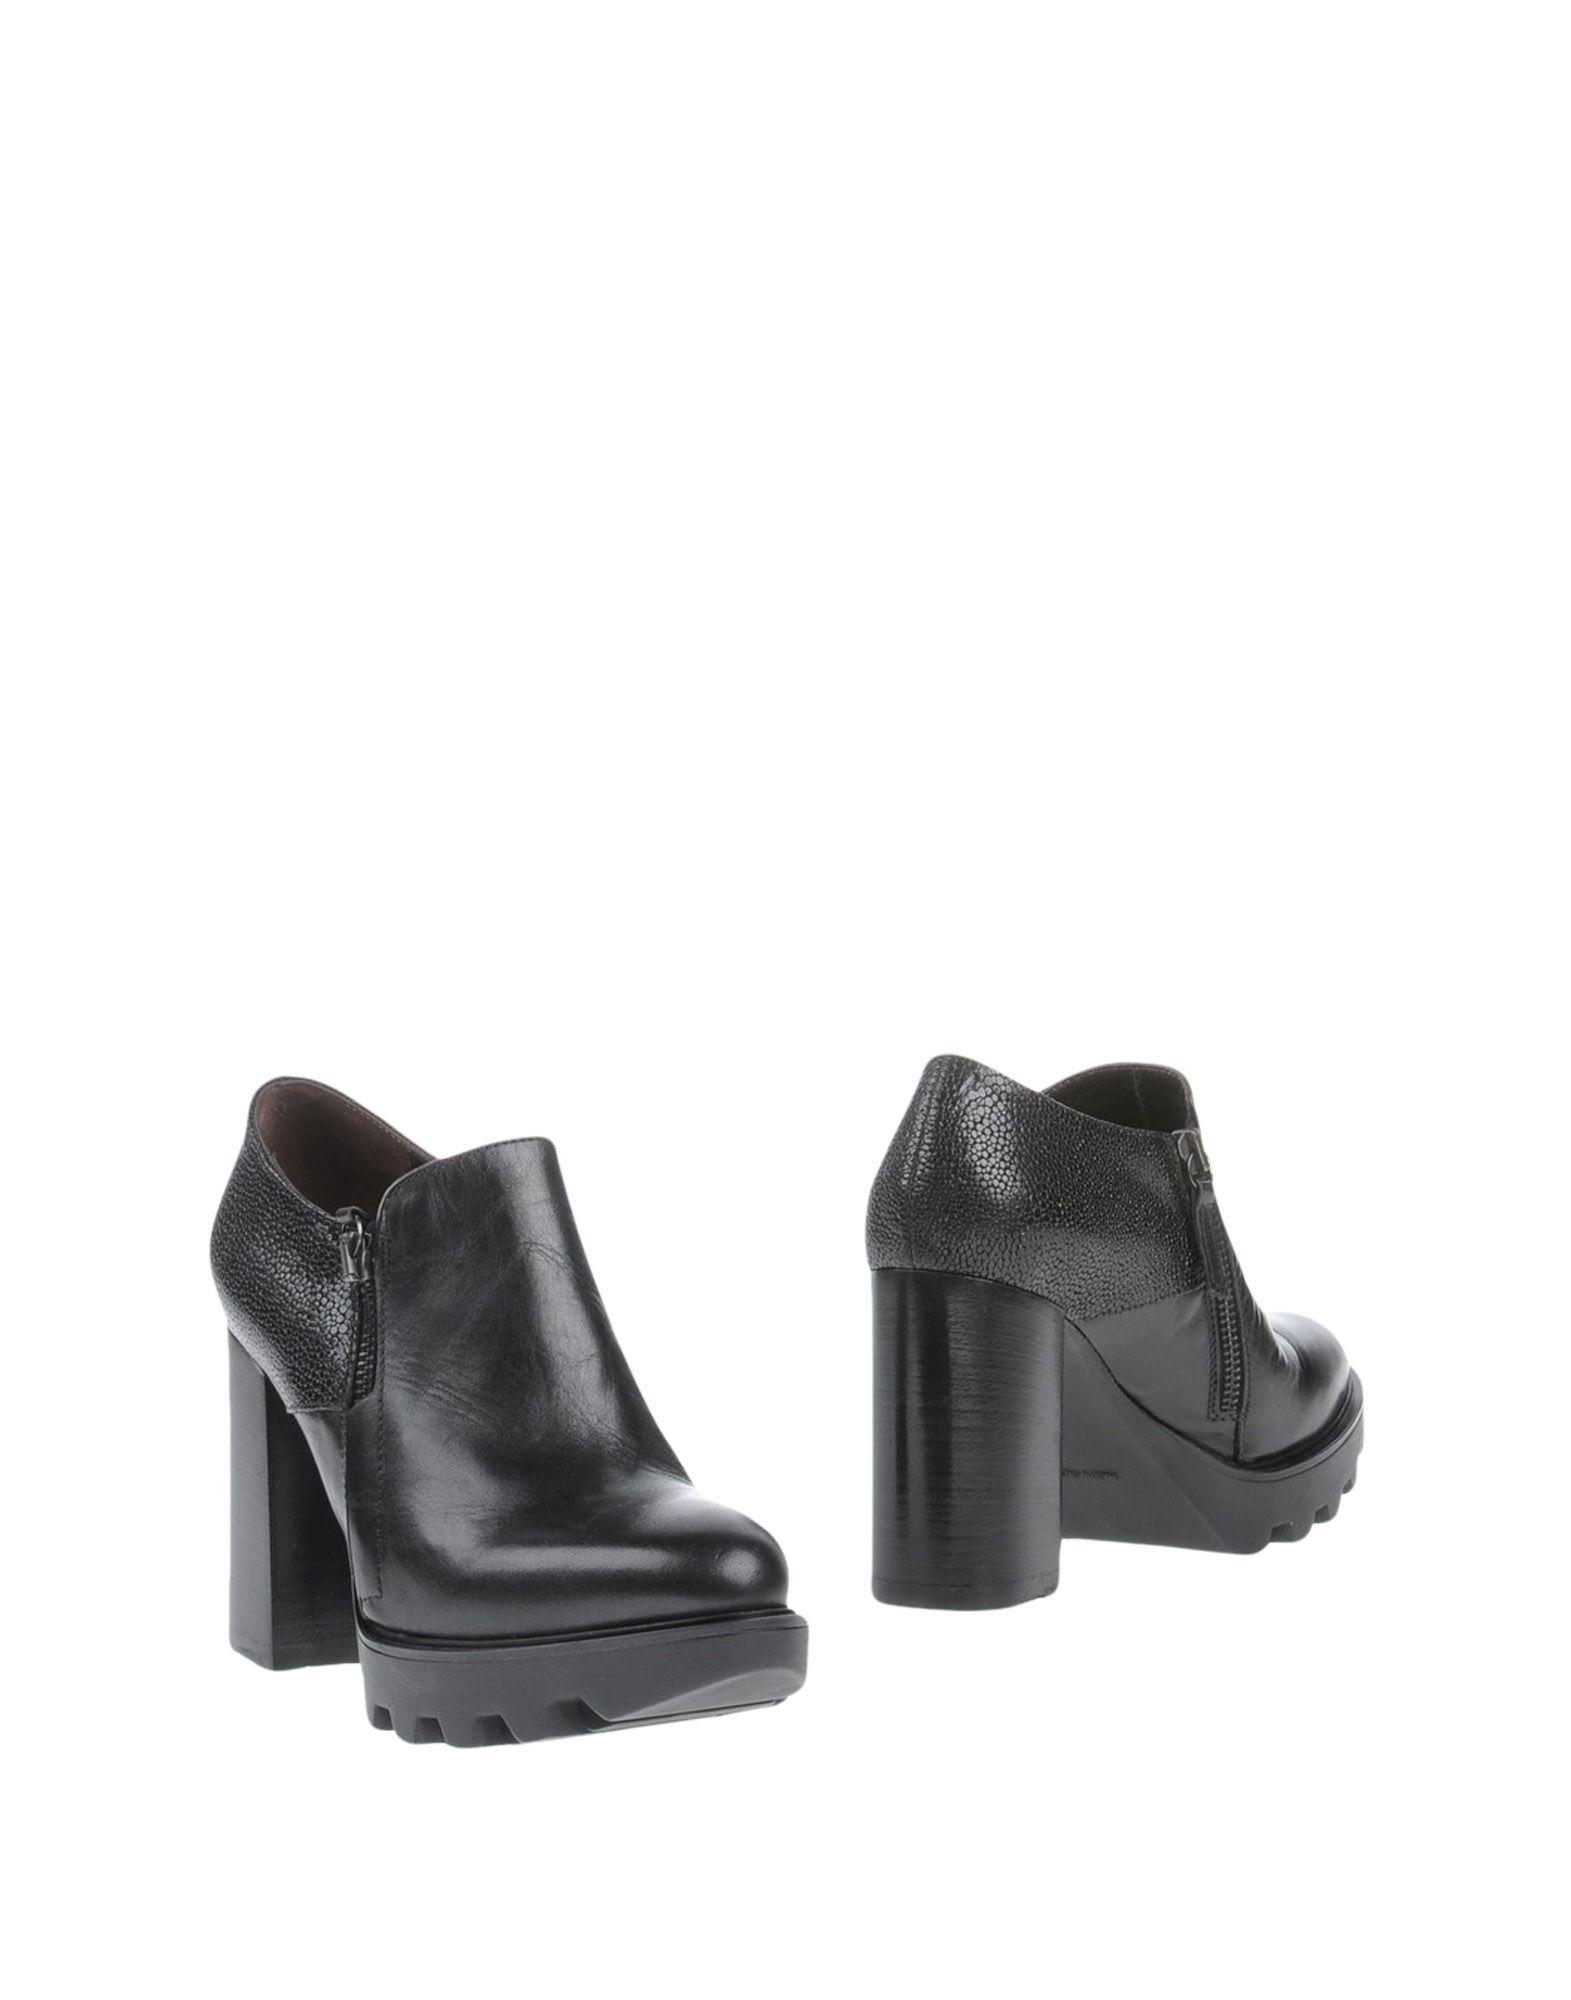 Laura Bellariva Stiefelette Damen  11268596MK Gute Qualität beliebte Schuhe